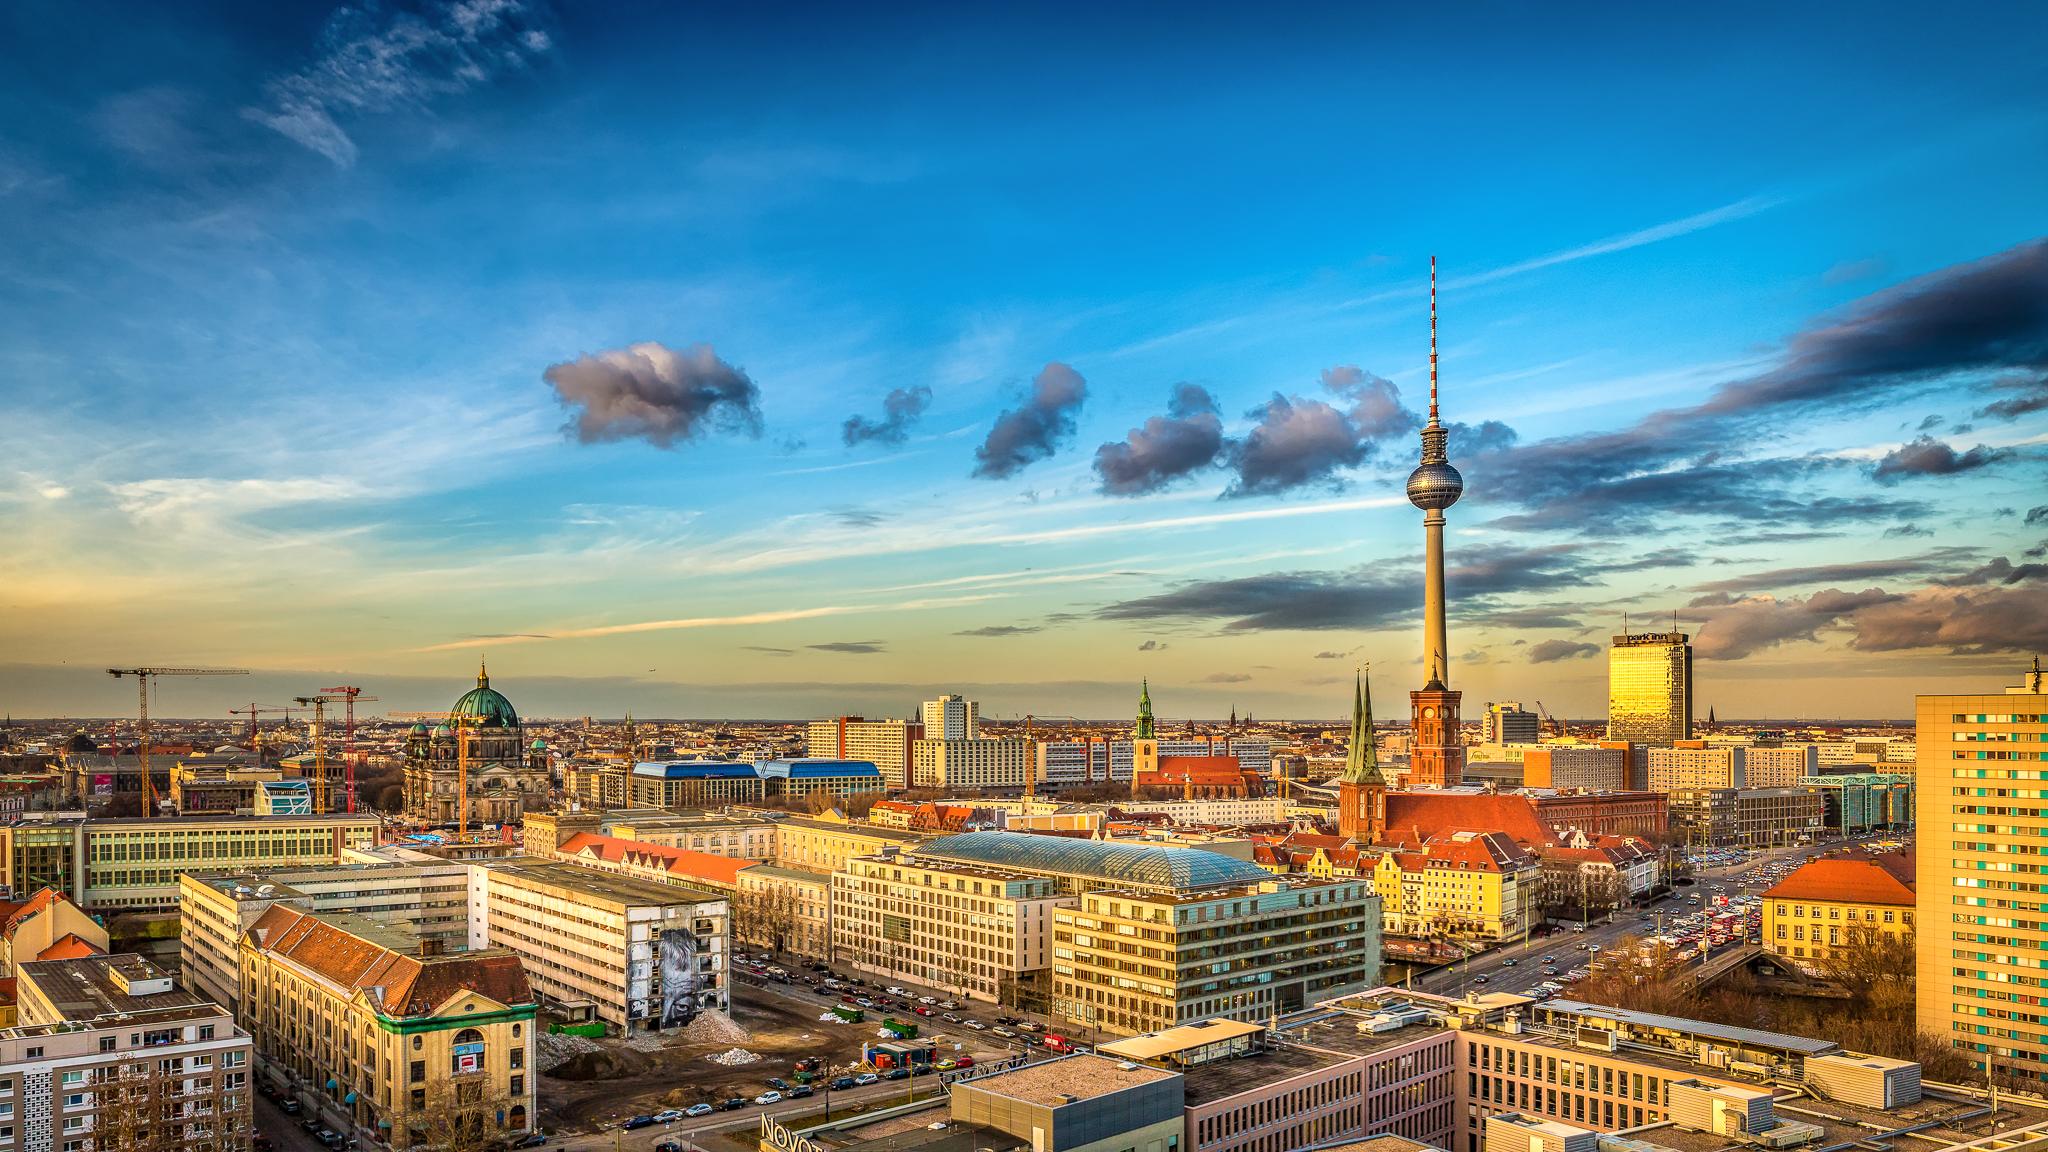 Berlin skyline as the sun sets